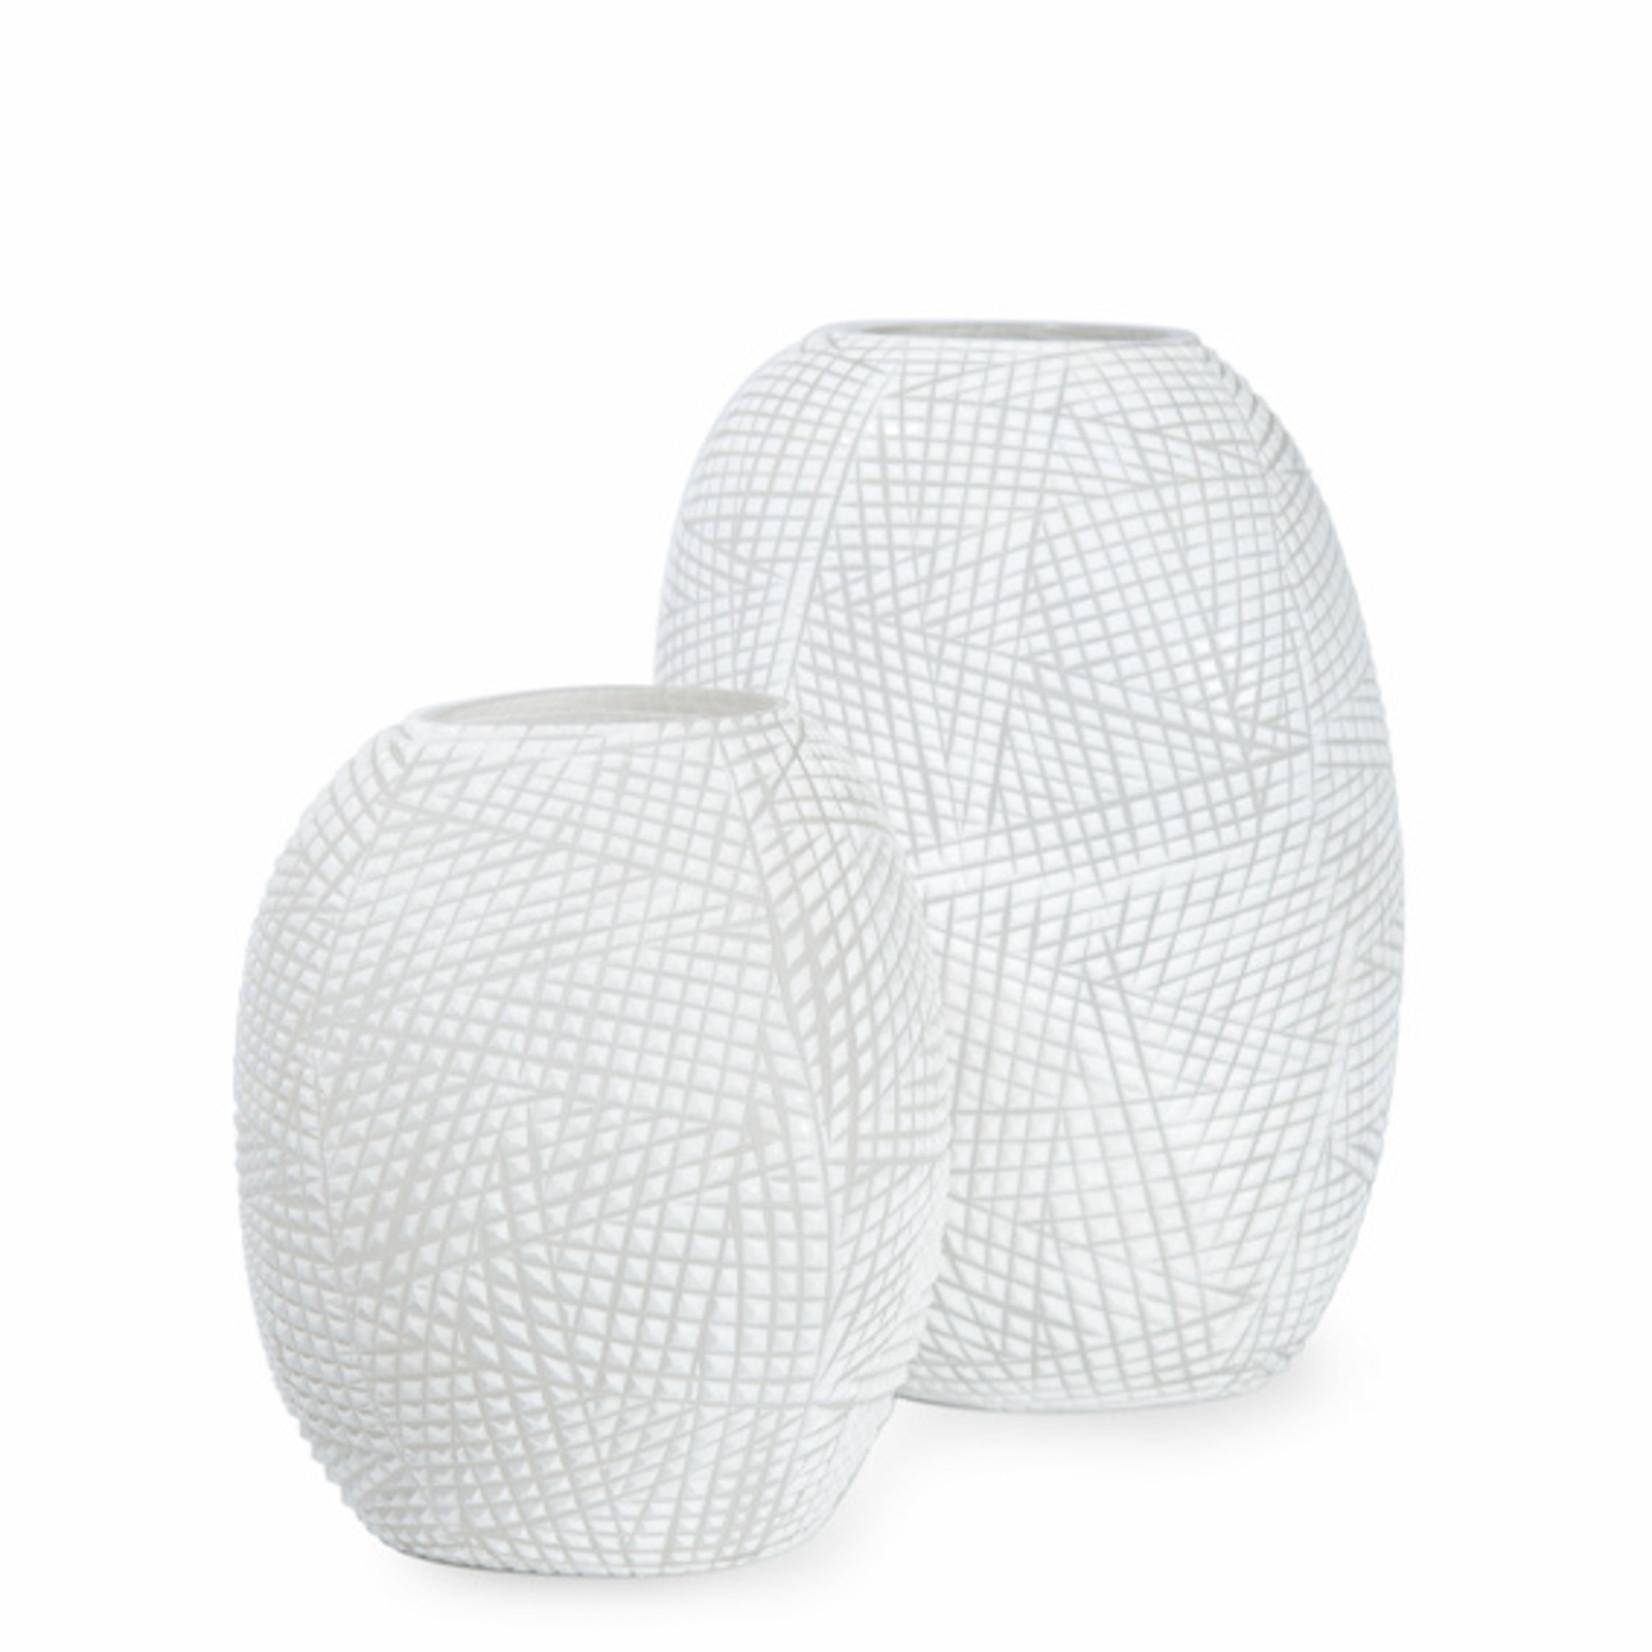 Guaxs Vase Patara Tall | Clear / Opal